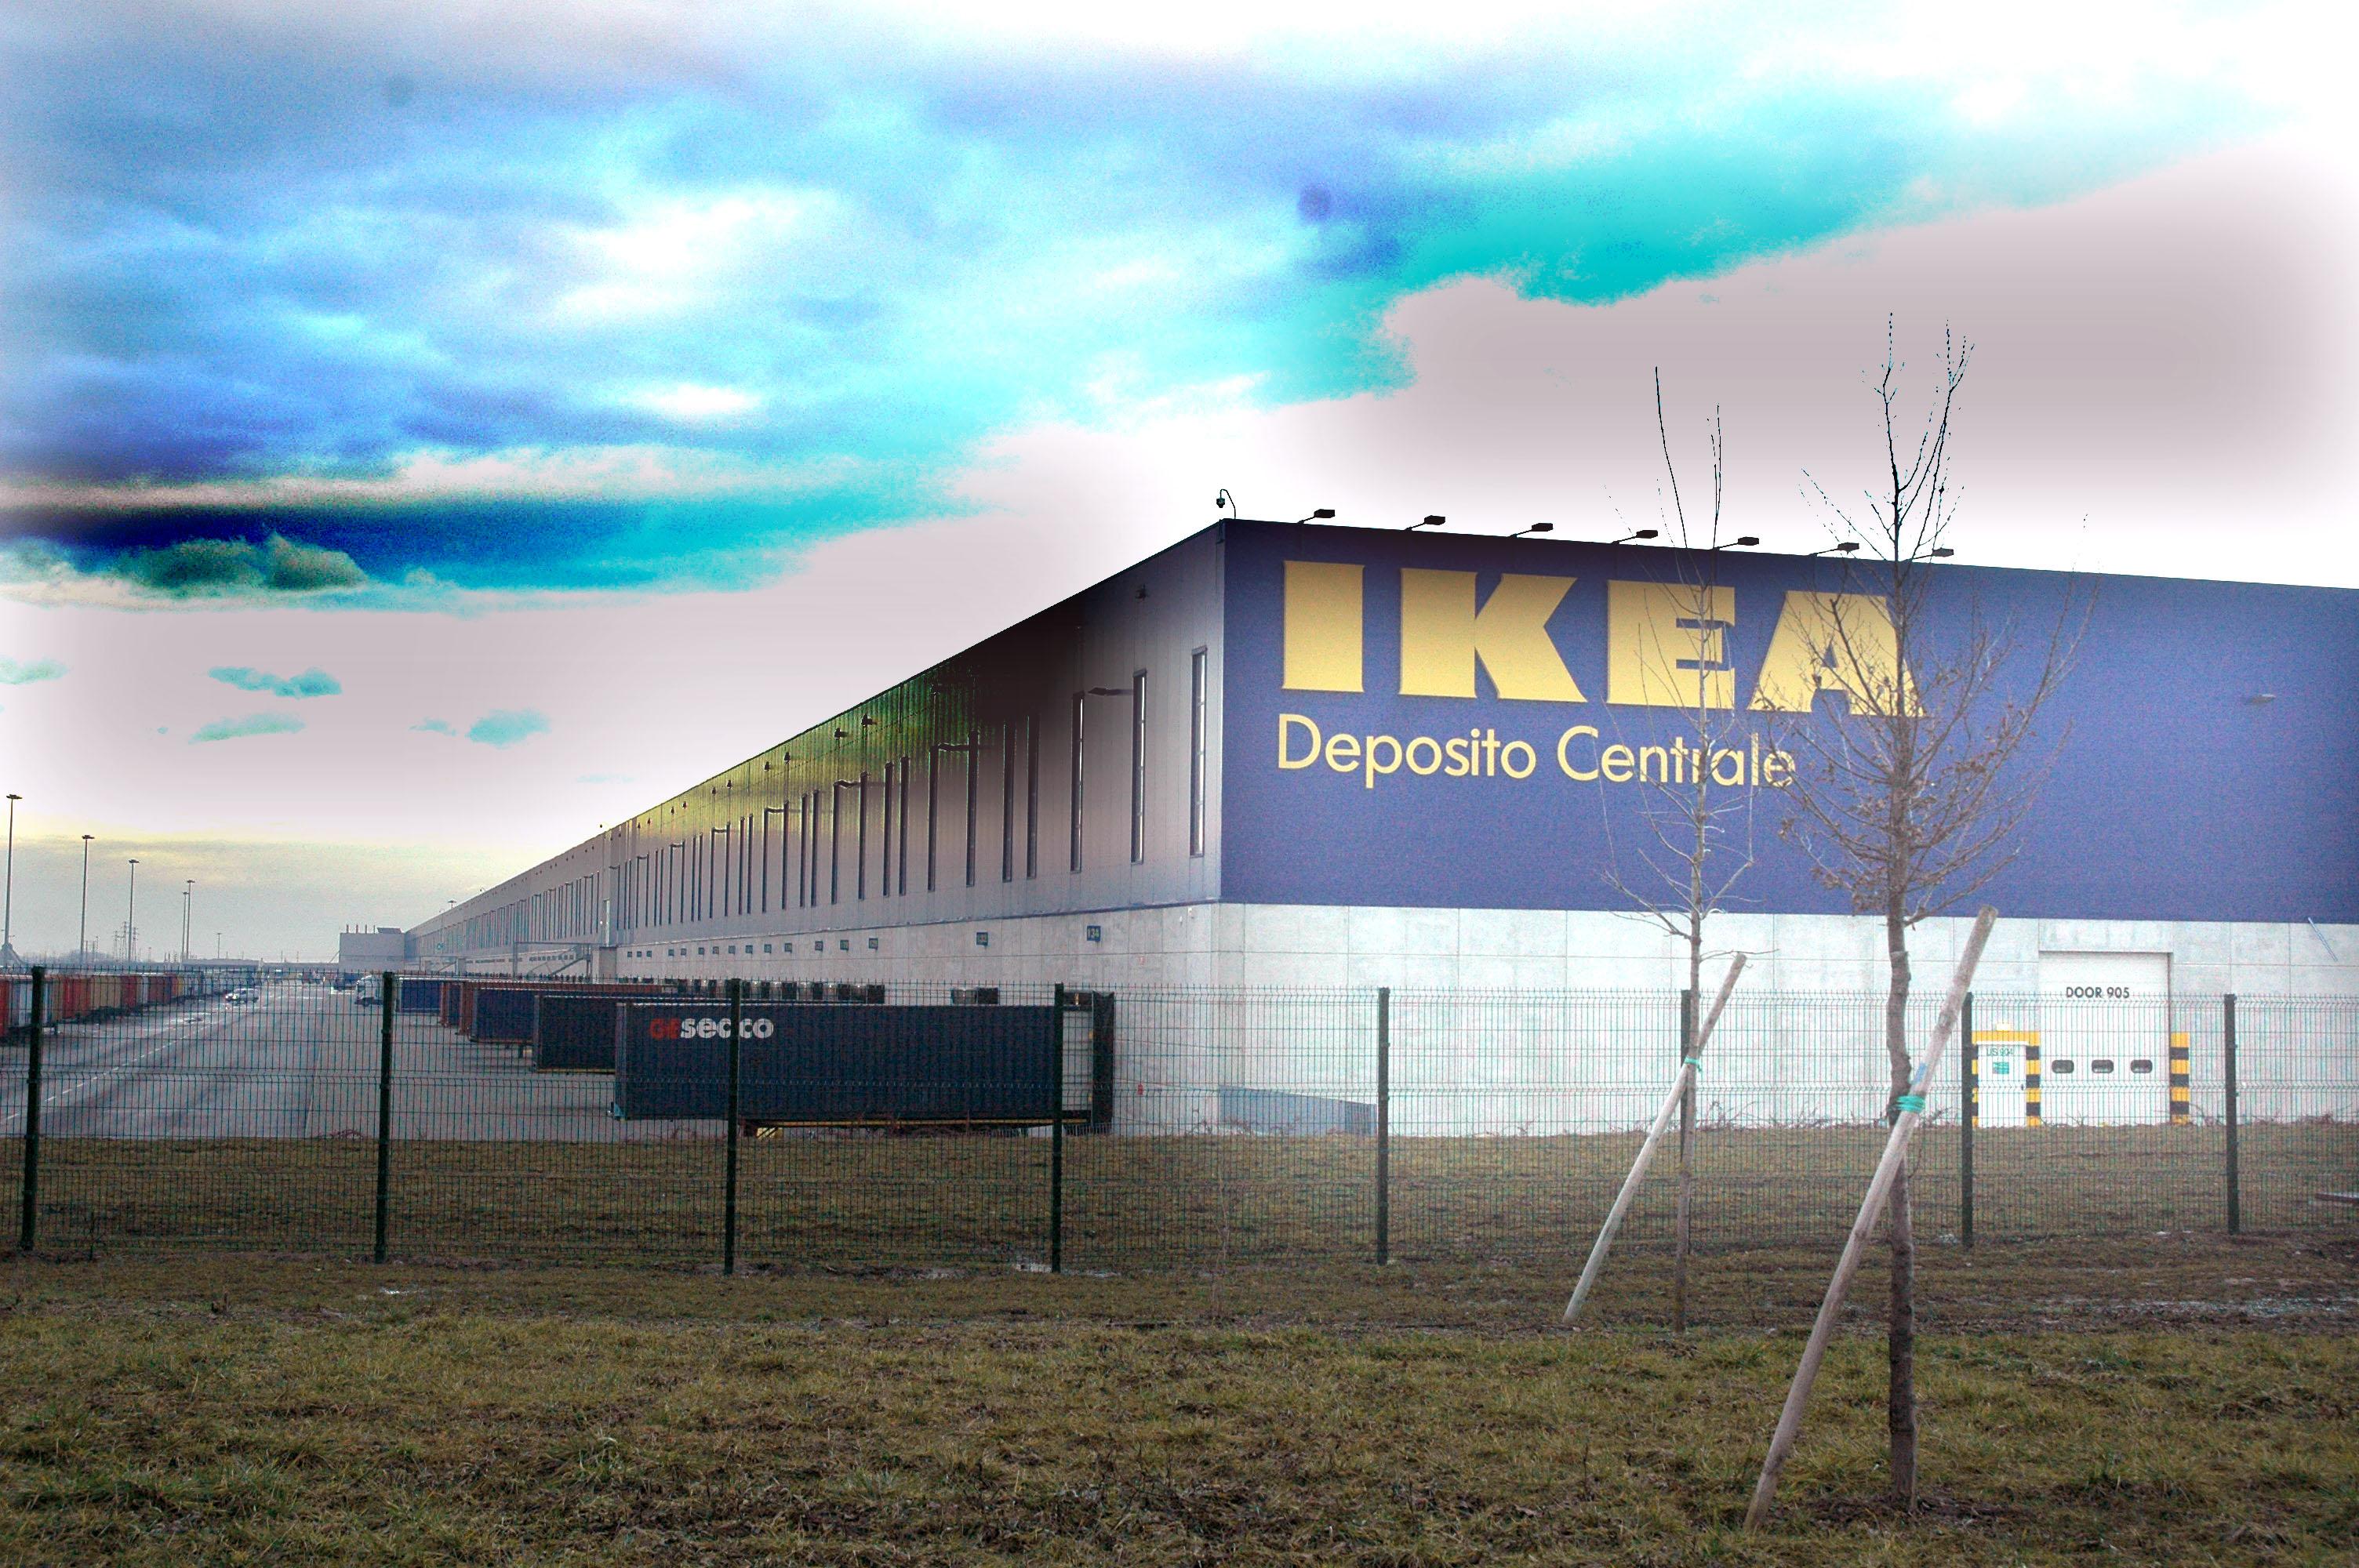 Allarme rosso nel mondo del lavoro piacentino, Ikea emigra e trasferisce due reparti a Carugate